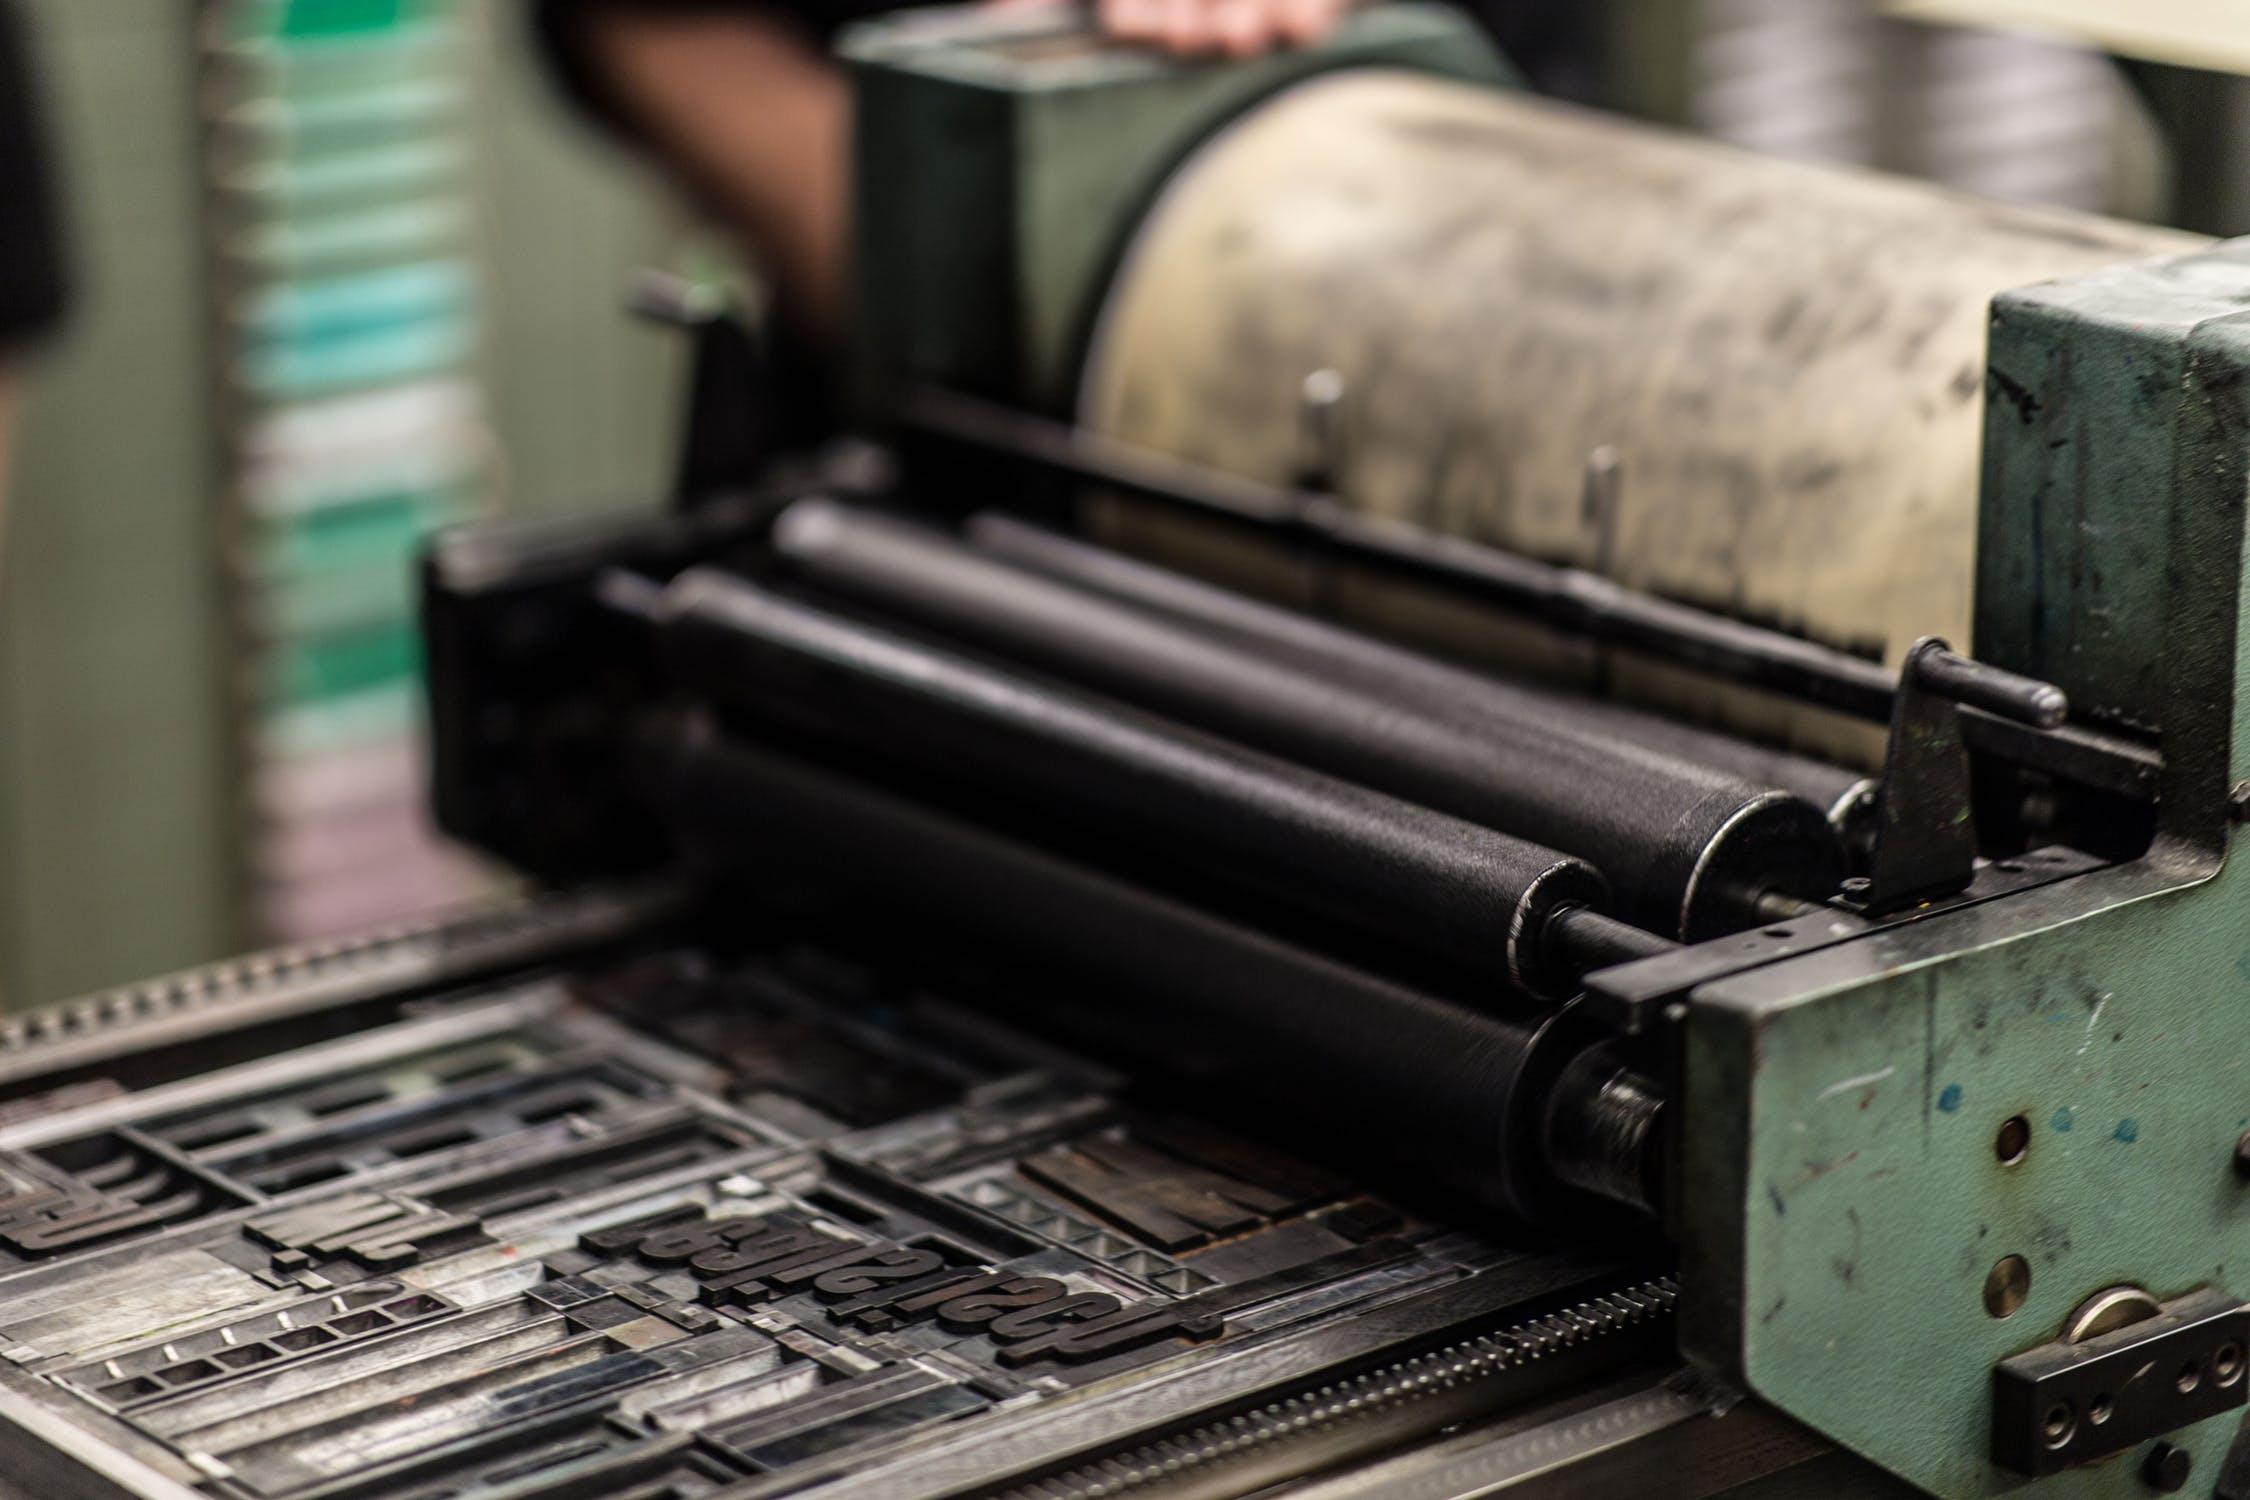 Jak vybírat tiskárny a multifunkce?